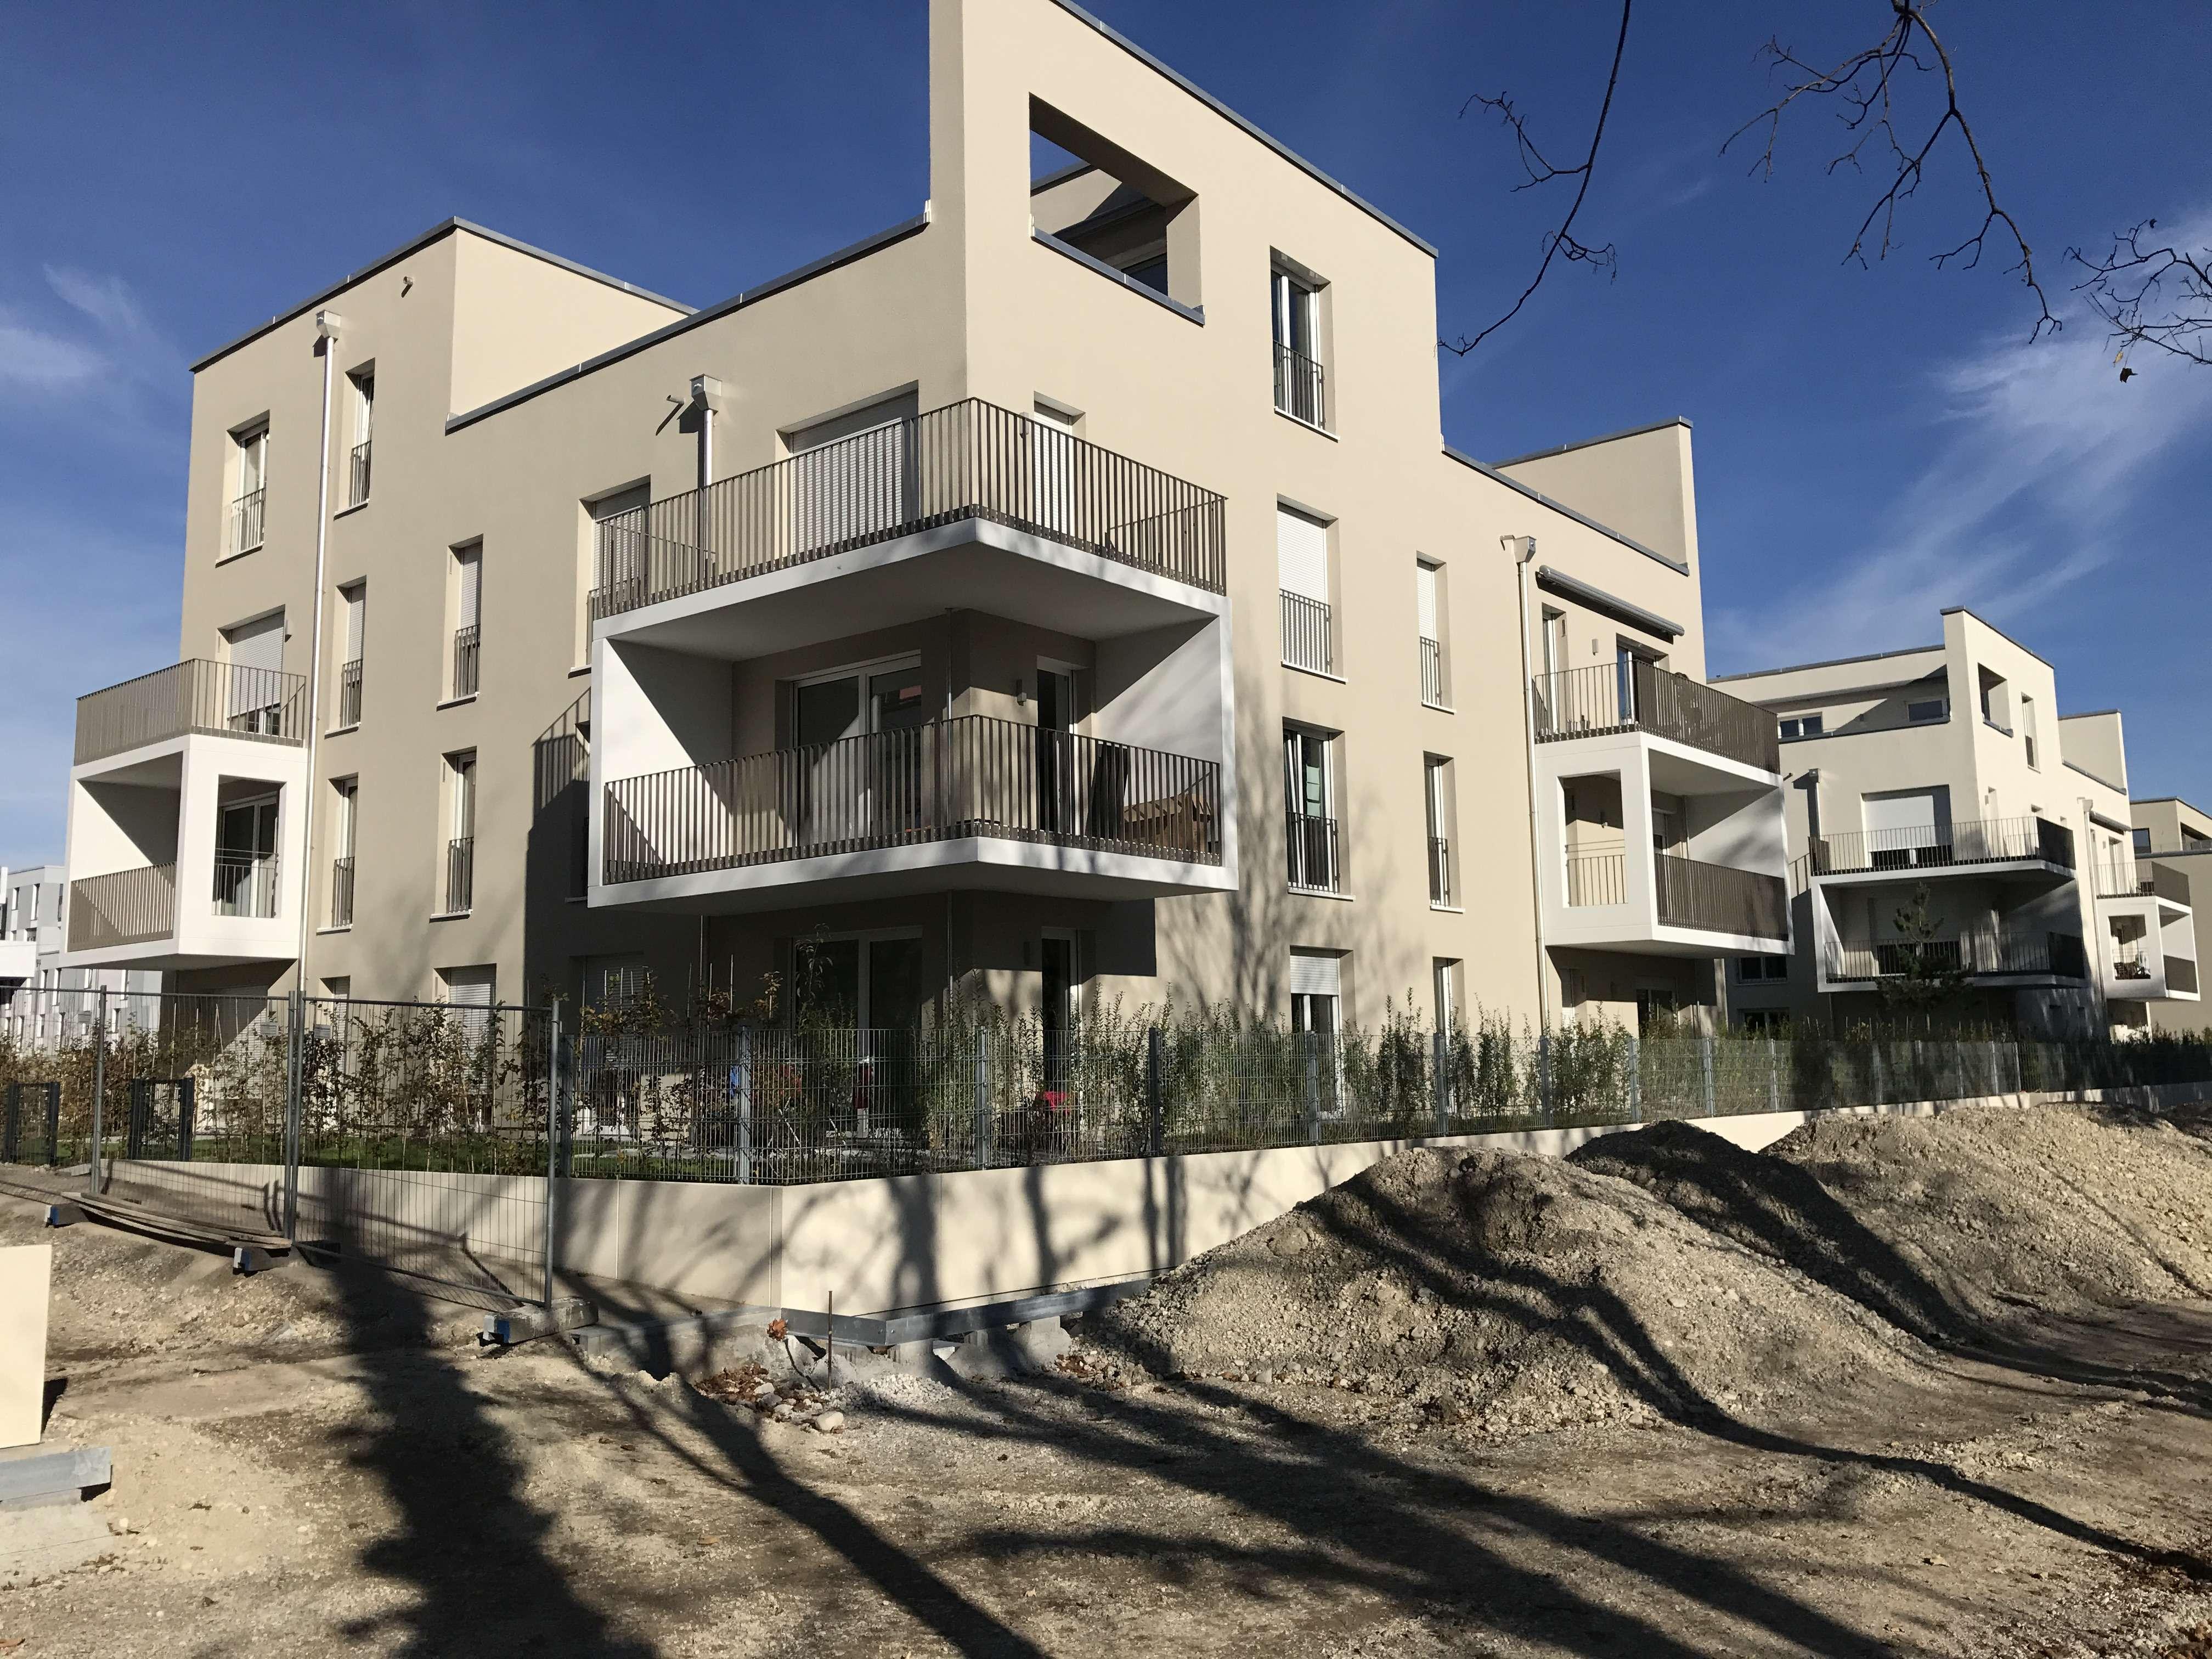 Exklusive, neuwertige 3-Zimmer-Wohnung mit Balkon und Einbauküche in Schwabing, München